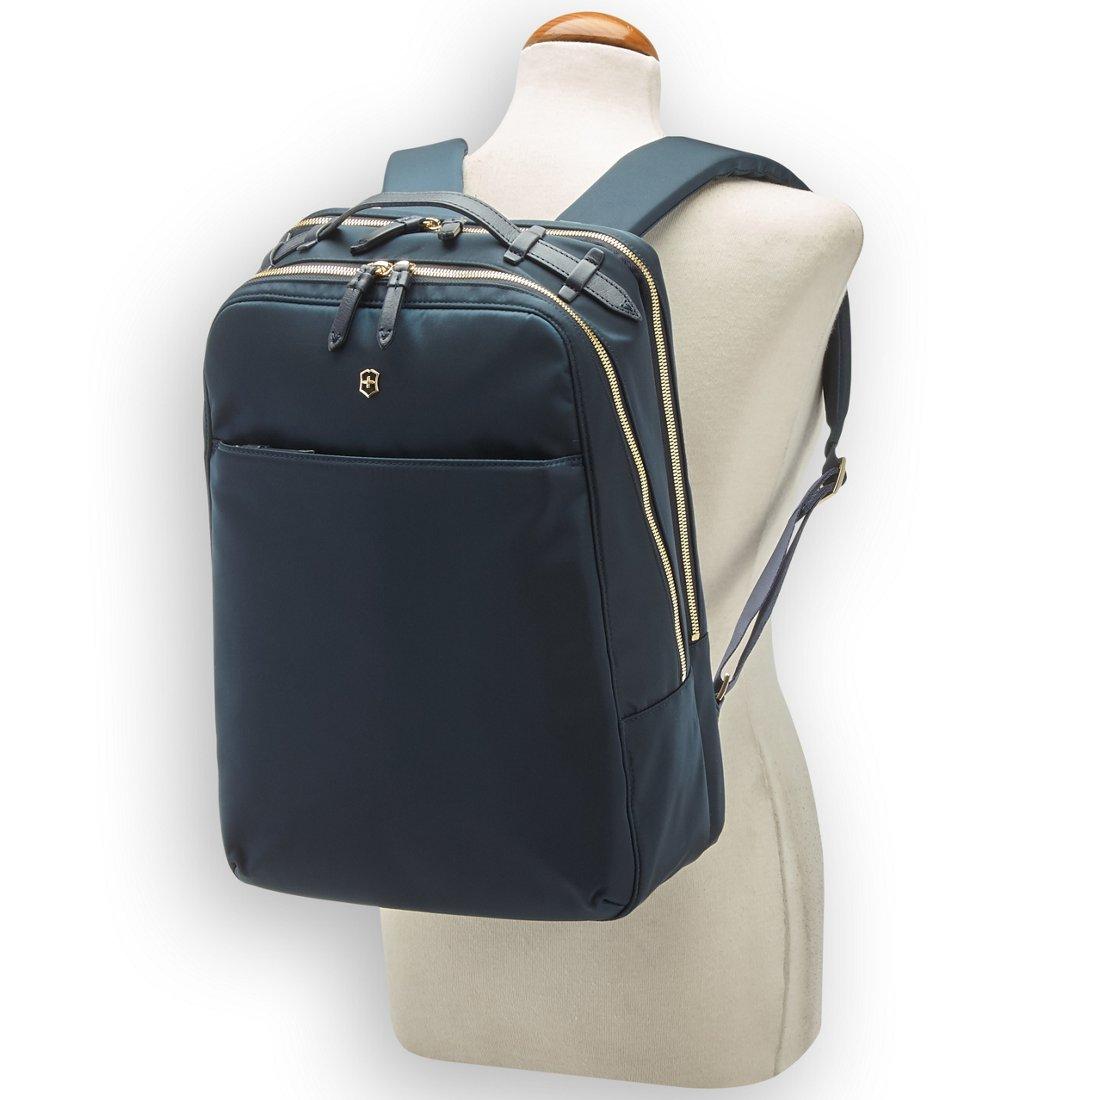 Victorinox Victoria 2.0 Deluxe Business Backpack